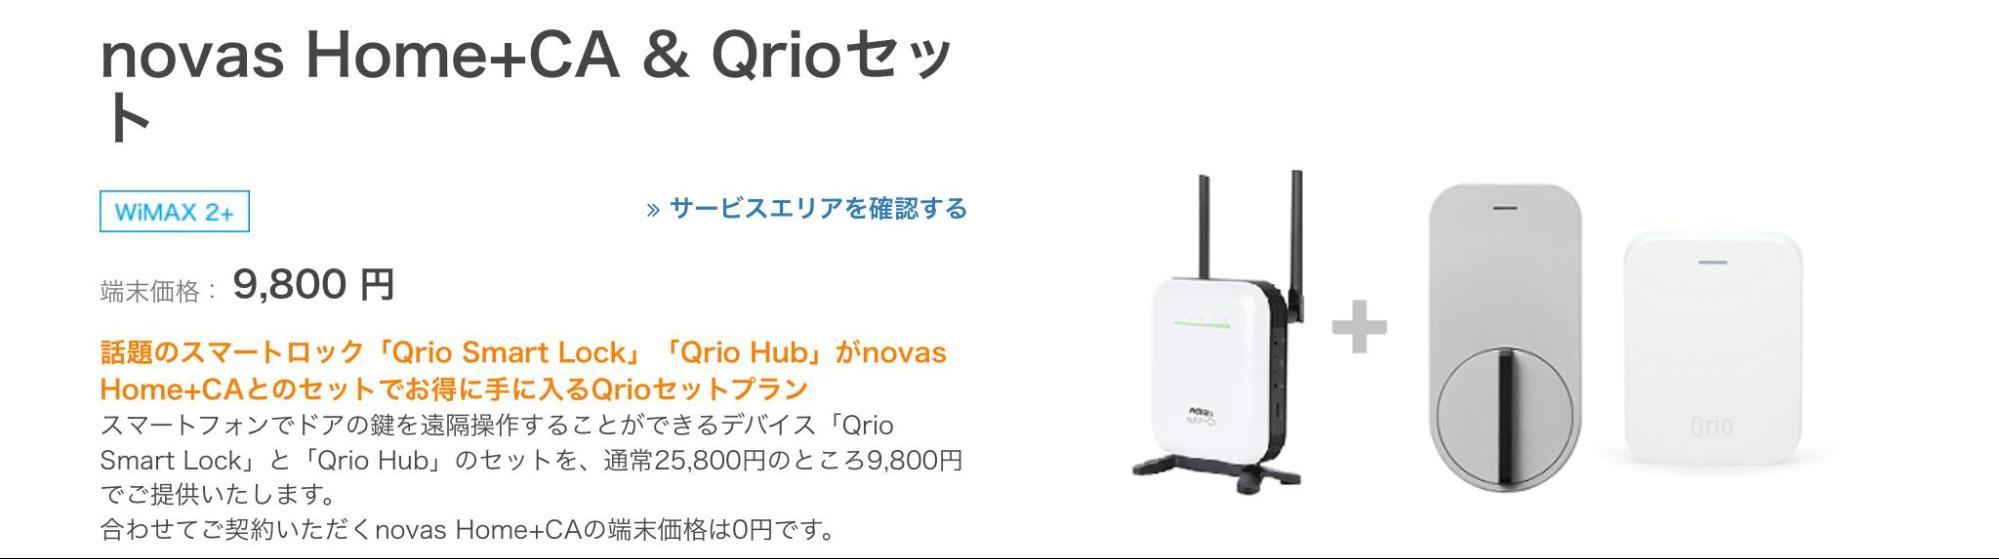 novas Home+CA &Qrioセット